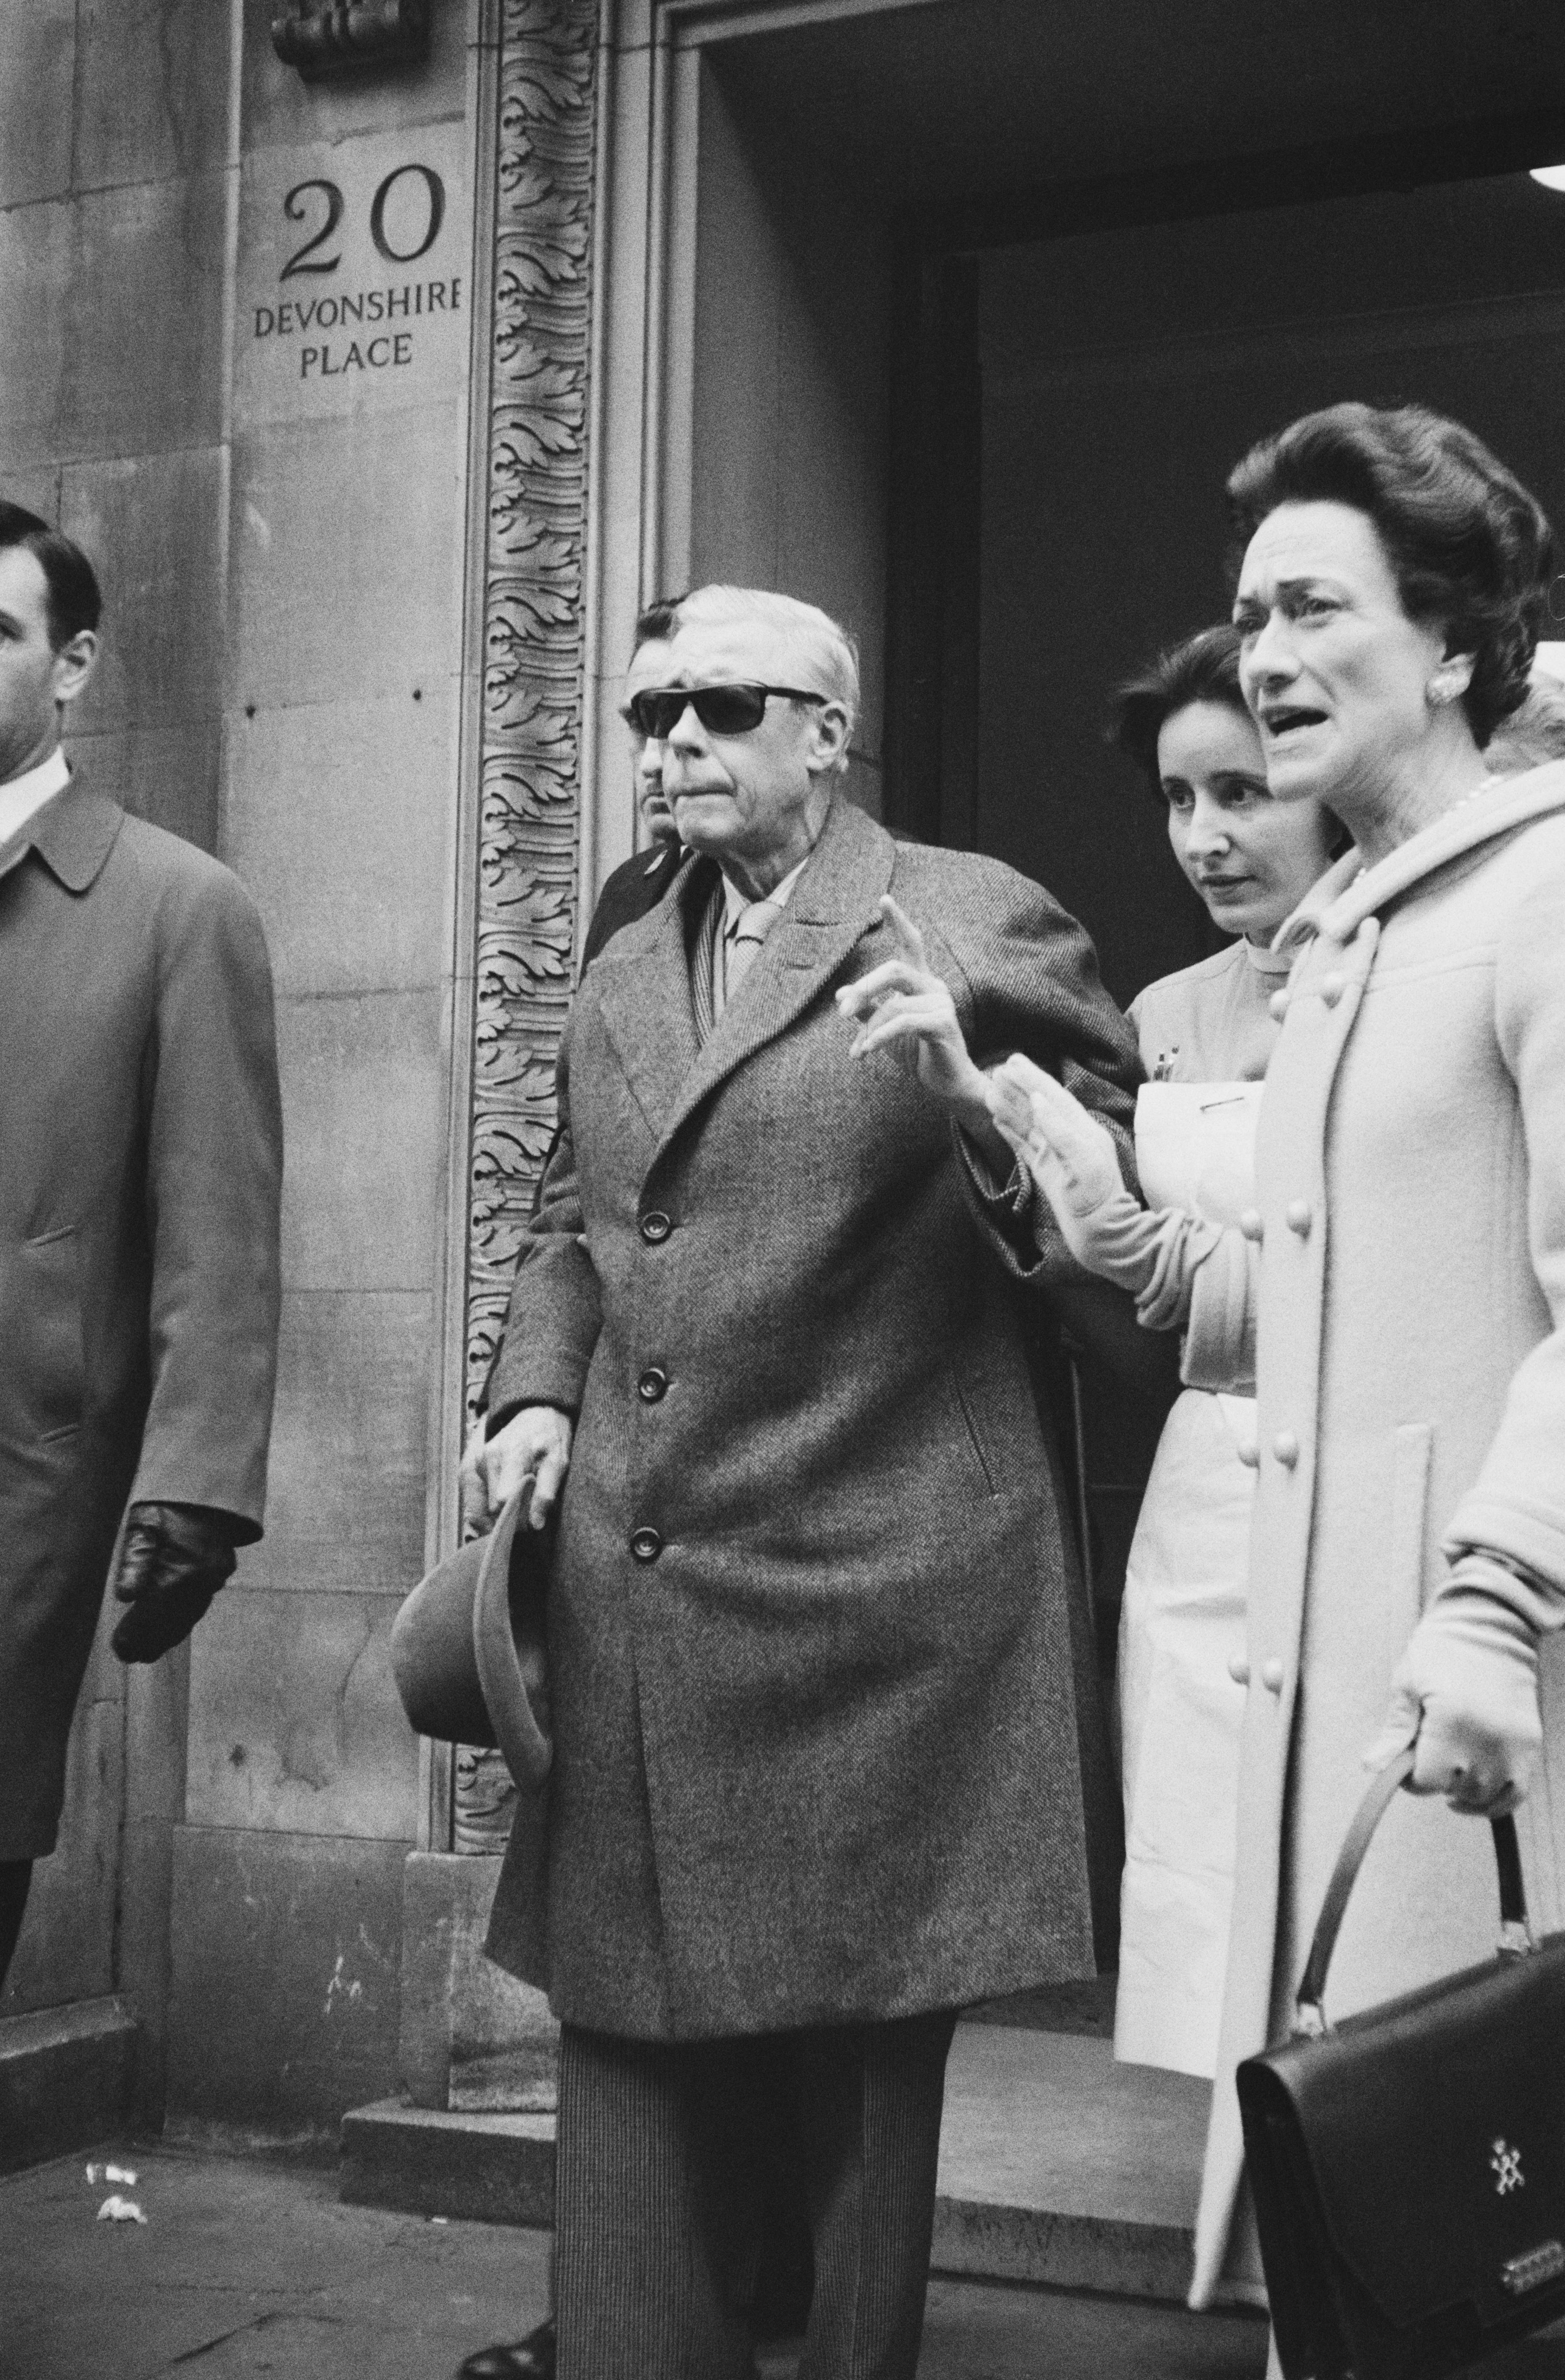 Правителството възприема Уолис, която все още няма втори развод,като жена, която е морално и социално неподходяща да бъде кралица на Великобритания.<br /> Кралят съобщава на правителството, че смята да се омъжи за Уолис и да не се оттегли от престола.Едуард предлага да сключи морганатичен брак, според който Уолис няма да бъде наричана кралица, а децата им нямат право да наследяват трона. Възможността е отхвърлена.